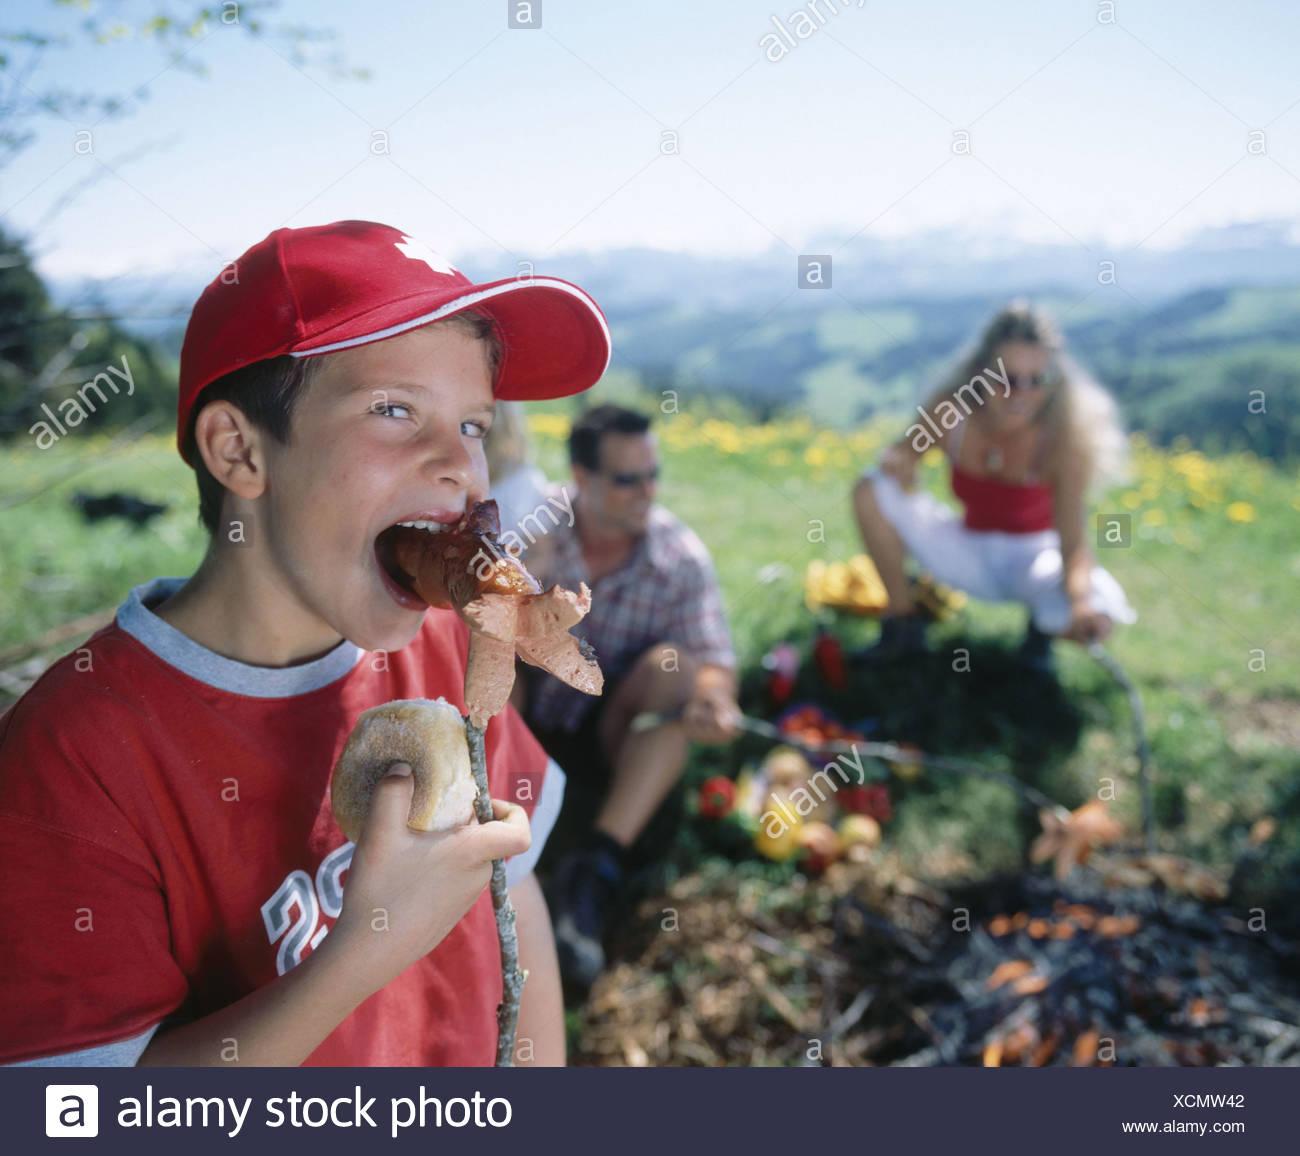 Kamin Essen ausflug cervelat emmental essen essen familie feuer kamin essen